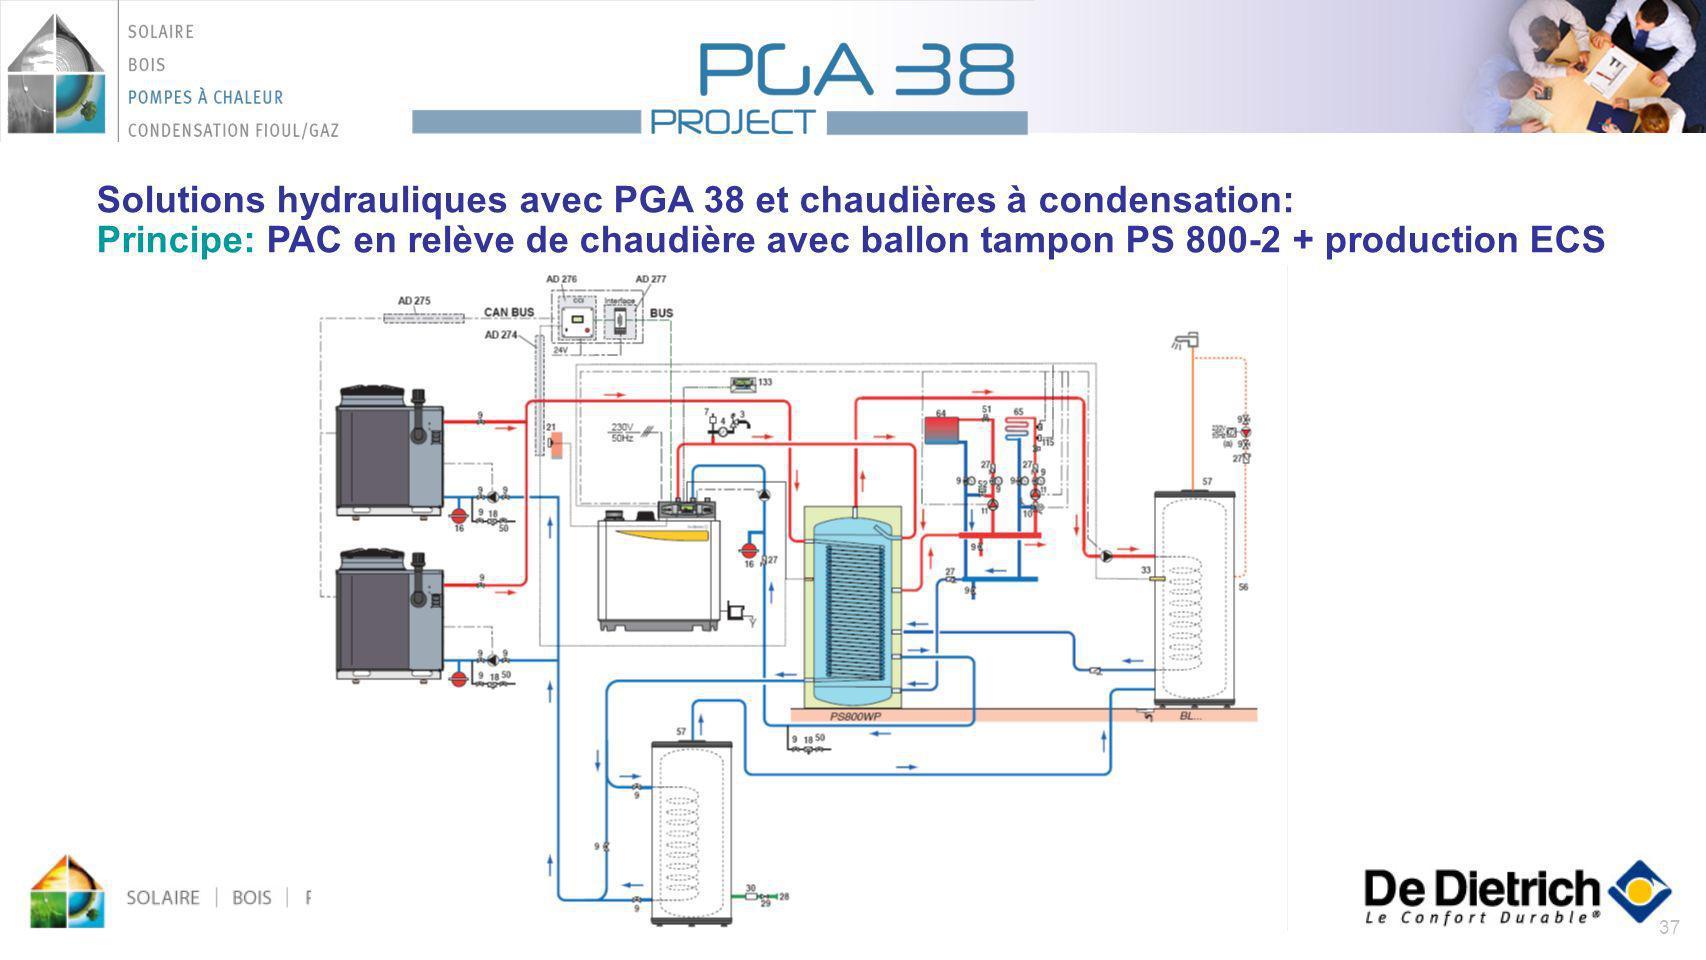 Solutions hydrauliques avec PGA 38 et chaudières à condensation: Principe: PAC en relève de chaudière avec ballon tampon PS 800-2 + production ECS